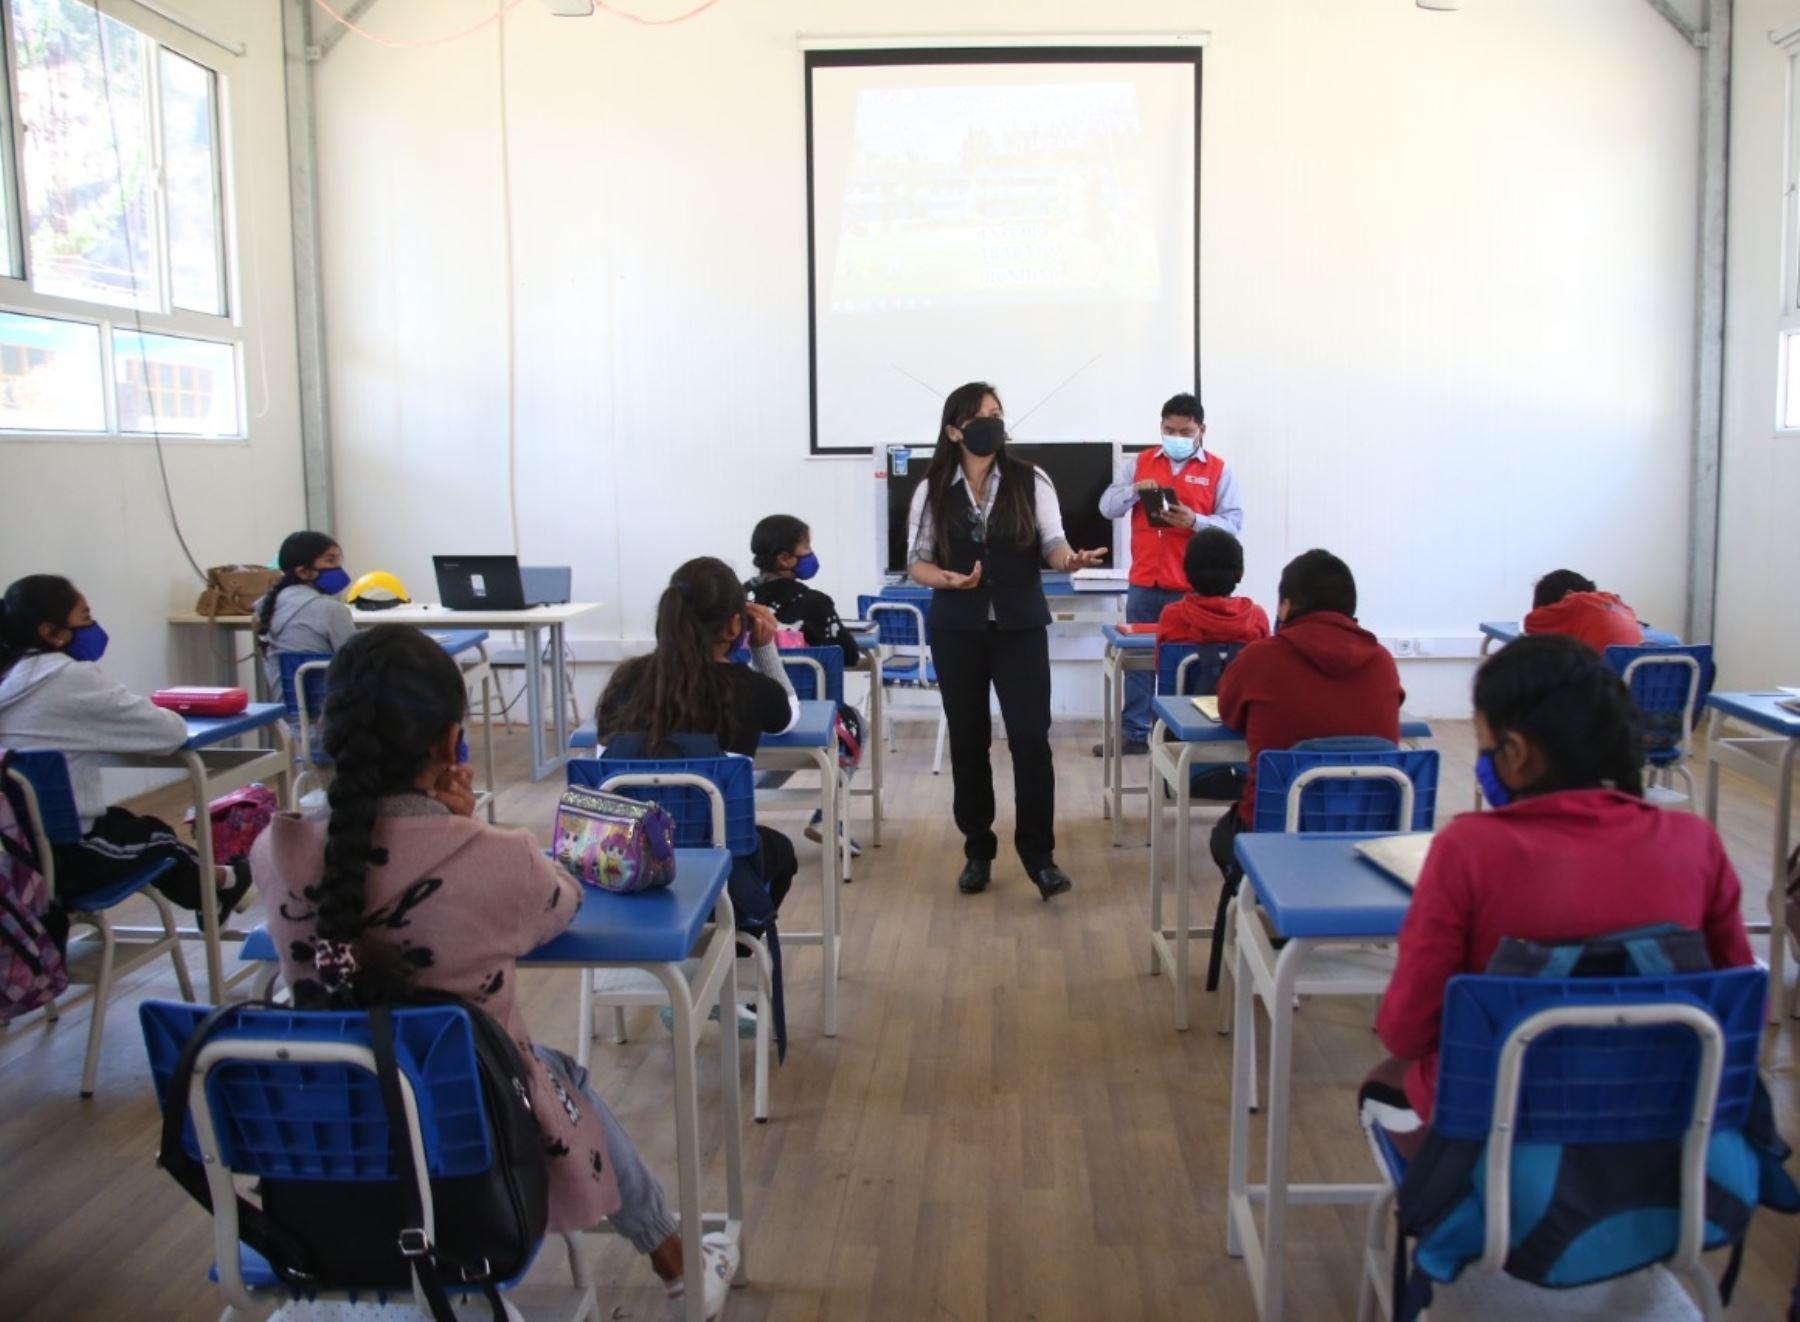 De los 83 escolares tamizados en el centro educativo de Pampamarca, solo tres dieron positivo al nuevo coronavirus y 27 eran asintomáticos.ANDINA/Difusión